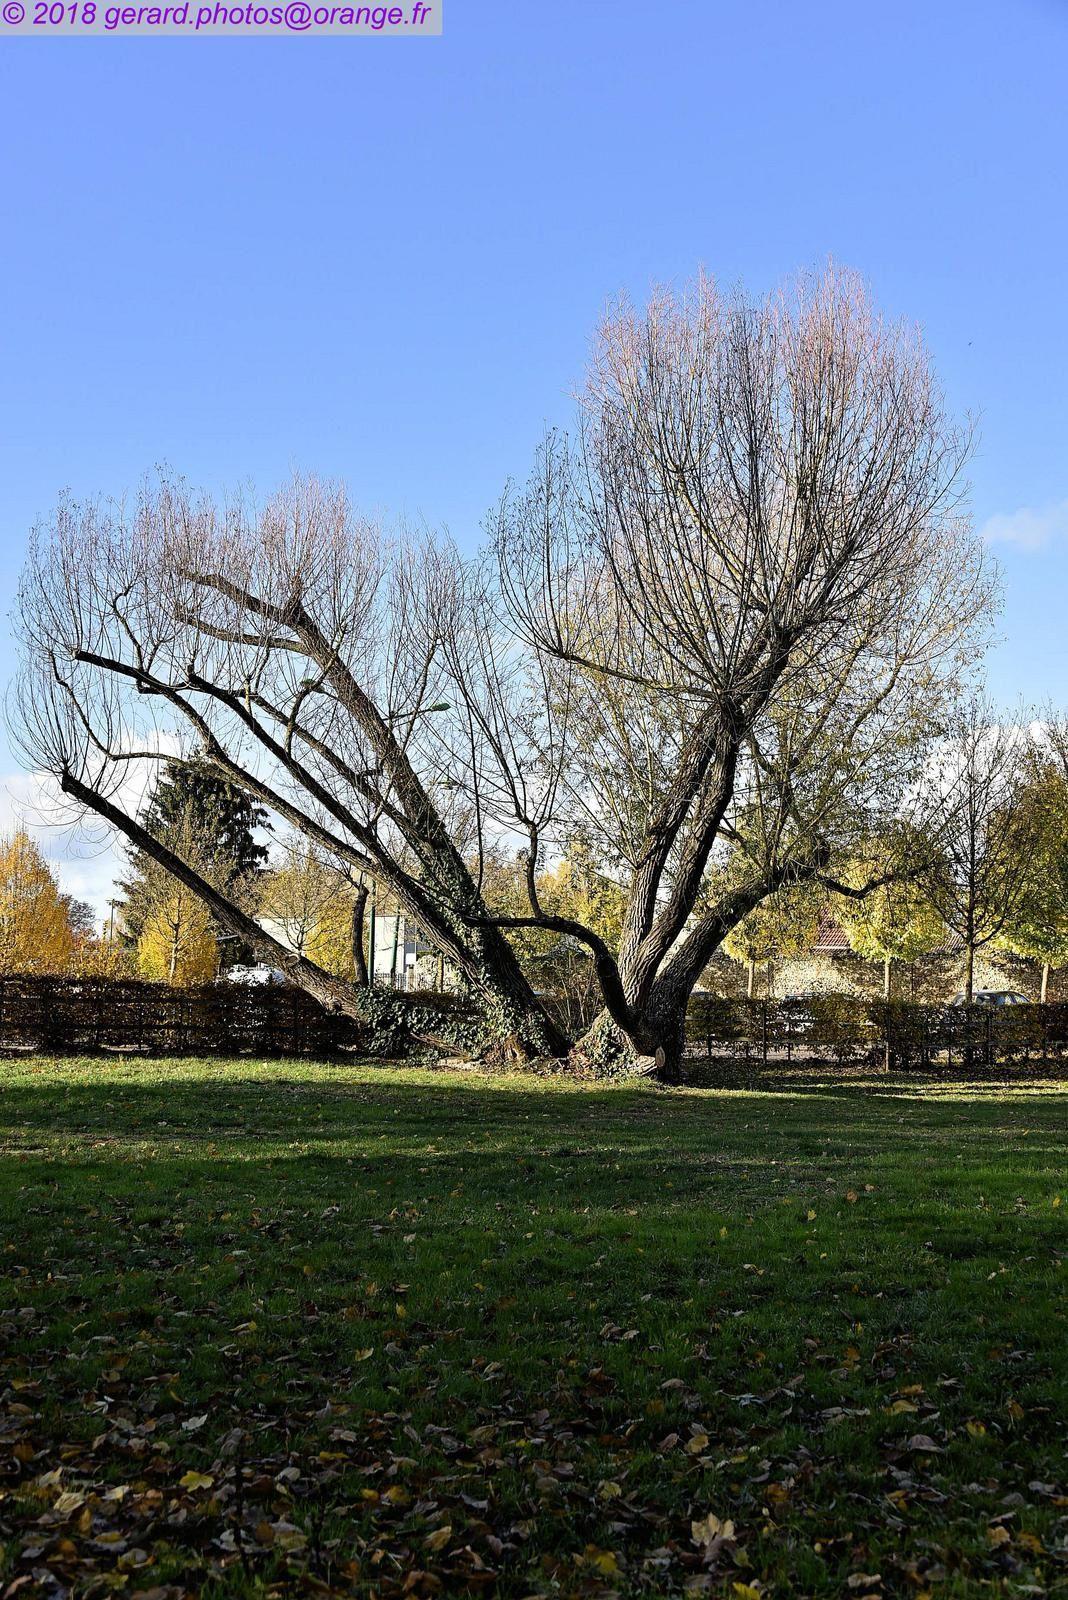 Promenade aux couleurs de l'automne au parc de la Balastière à Saint Clément 89100